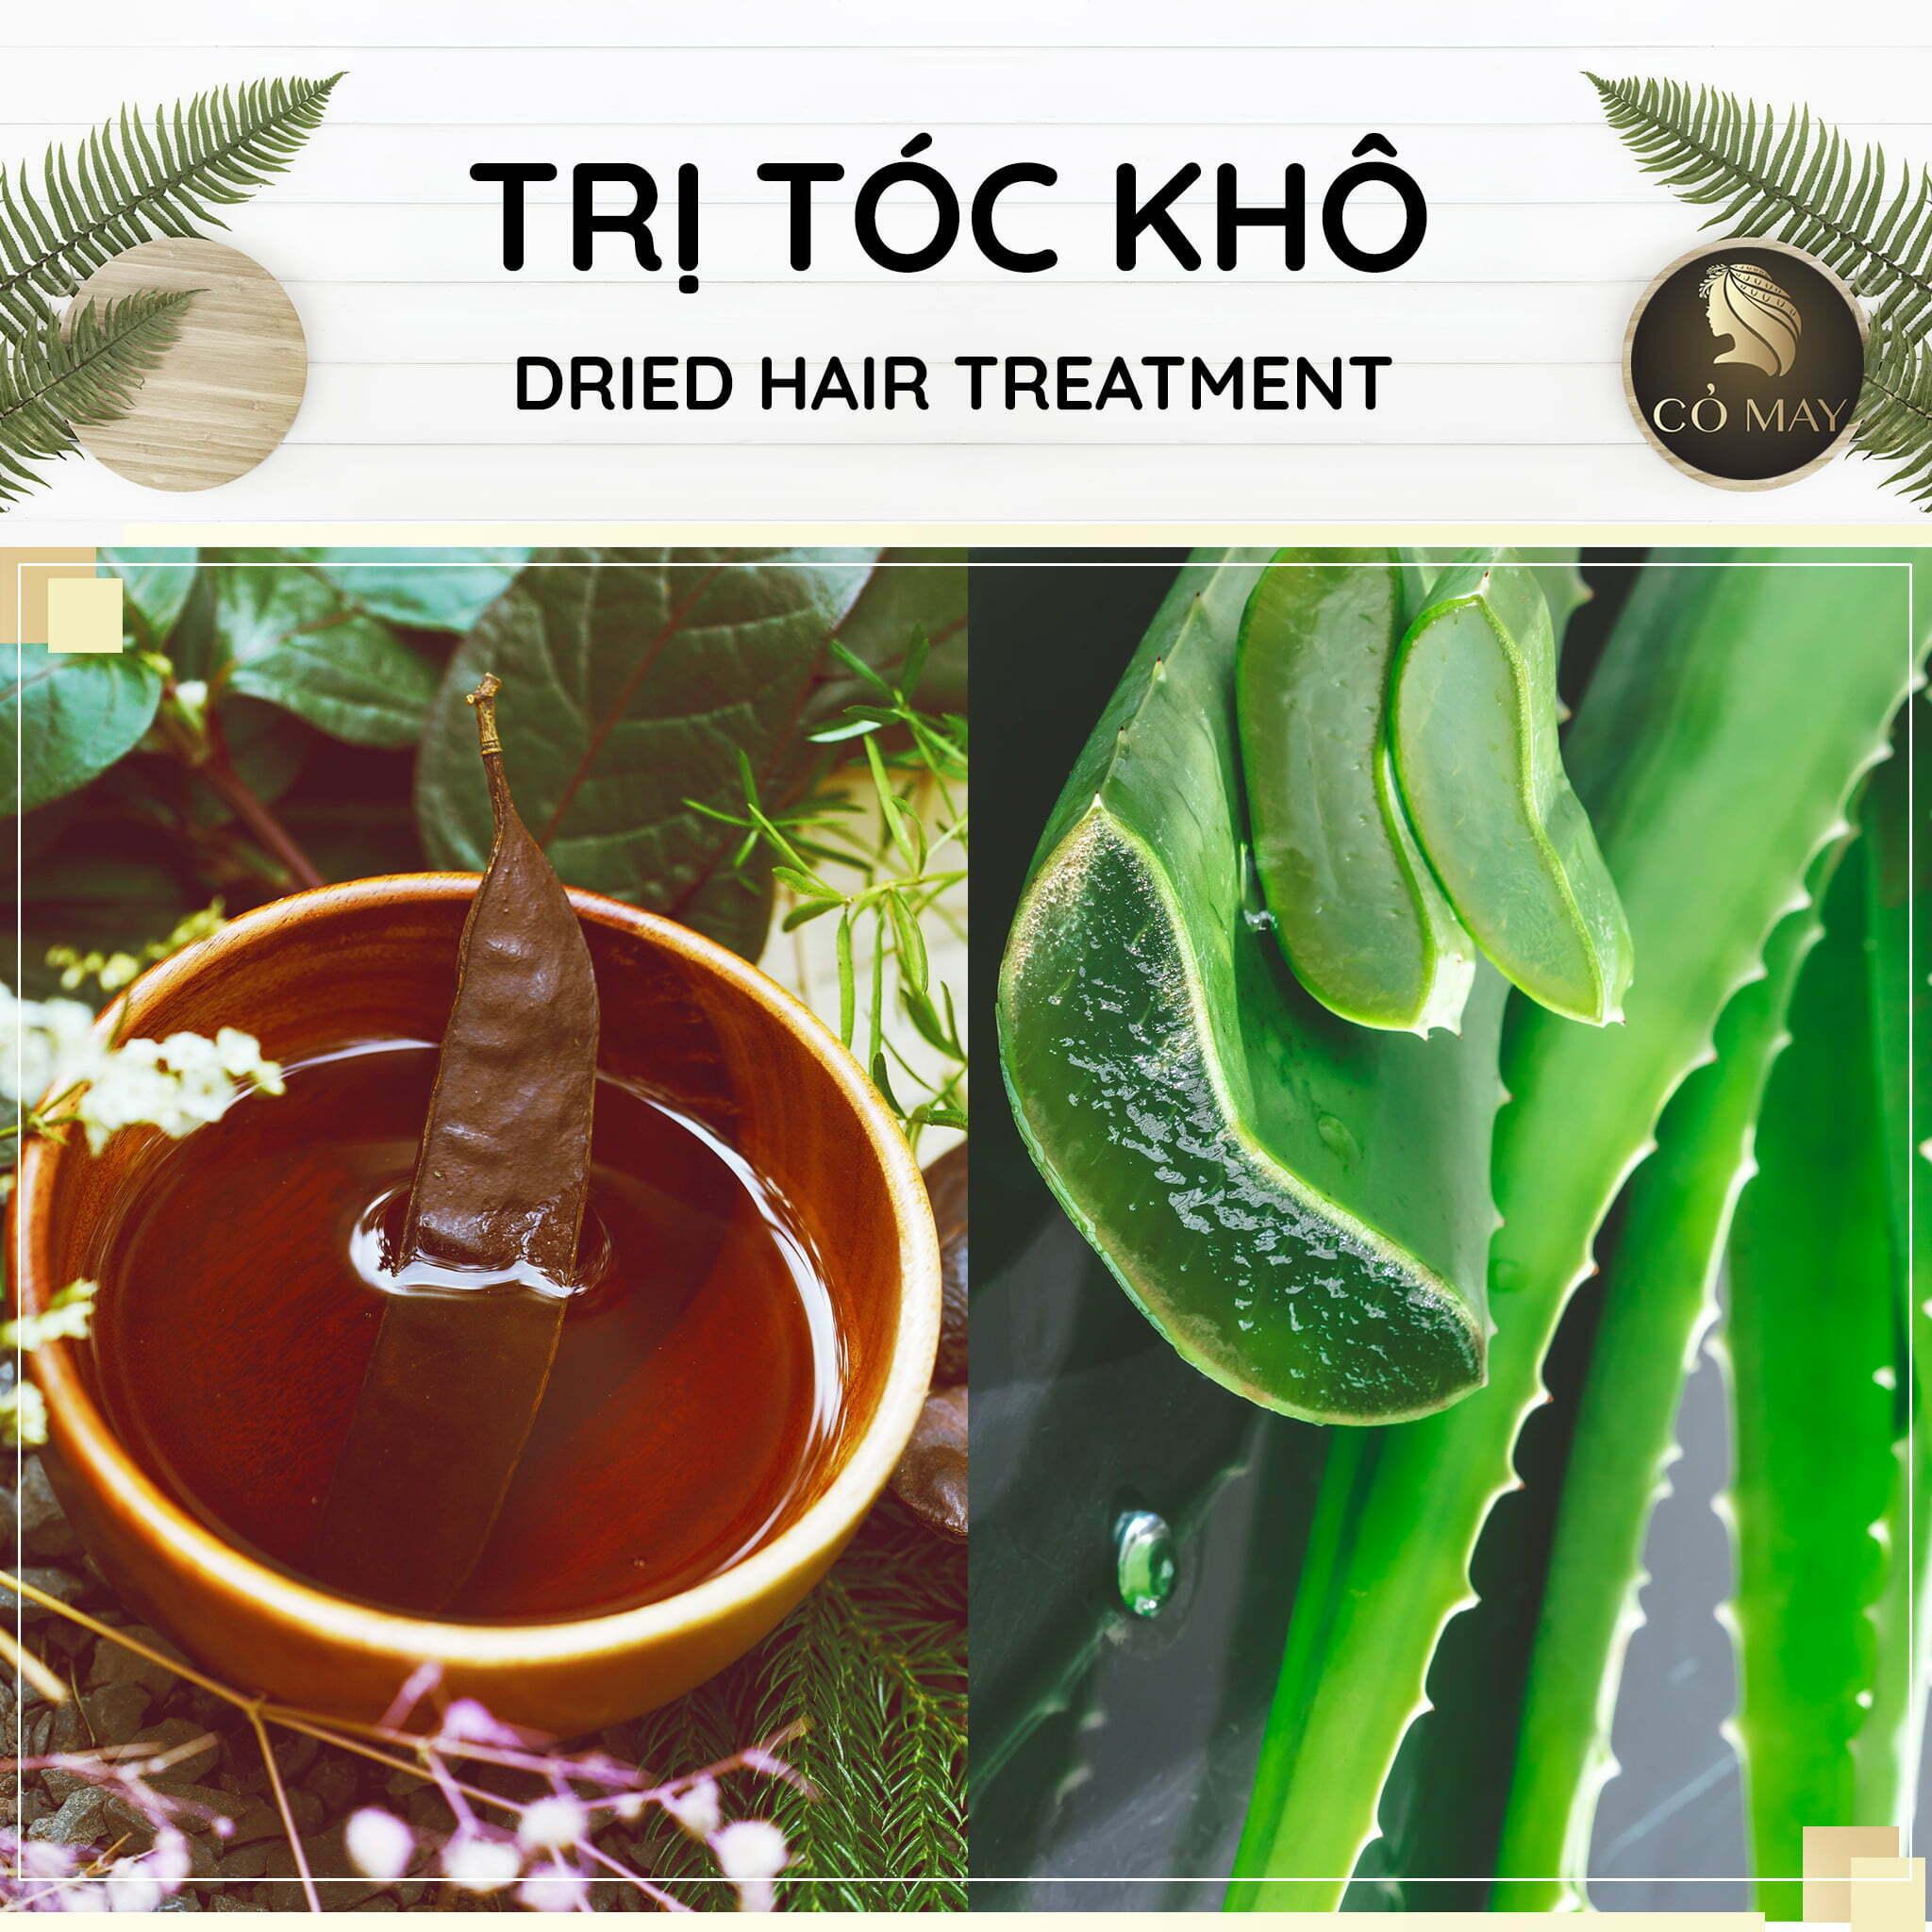 Nàng tranh thủ ghé nhà Cỏ May để trị tóc khô, gội đầu bồ kết hay các combo đặc biệt cho tóc.